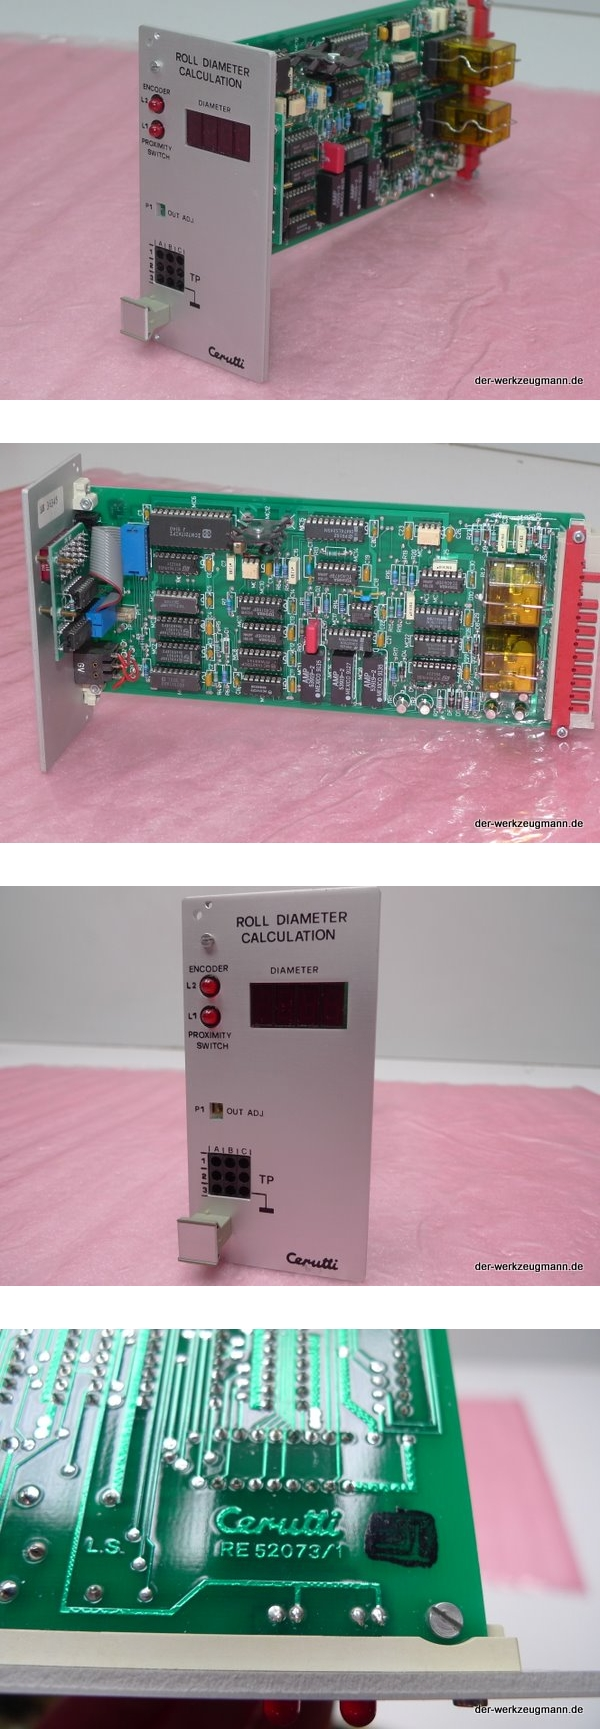 Cerutti RE-52073/1 Roll Diameter Calculation